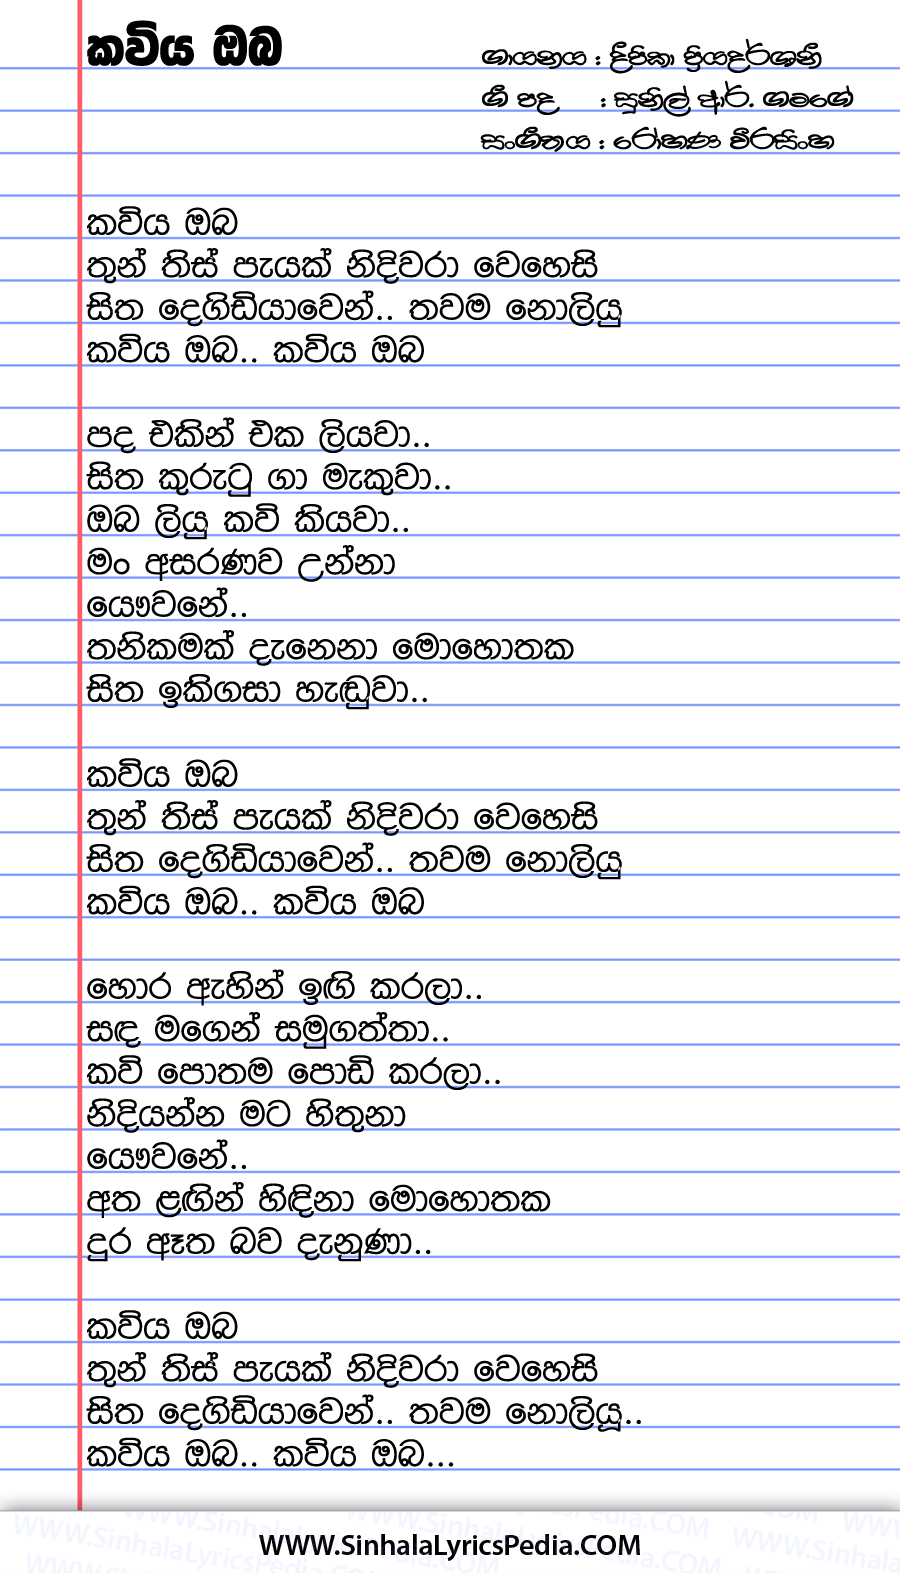 Kaviya Oba Thun This Payak Song Lyrics